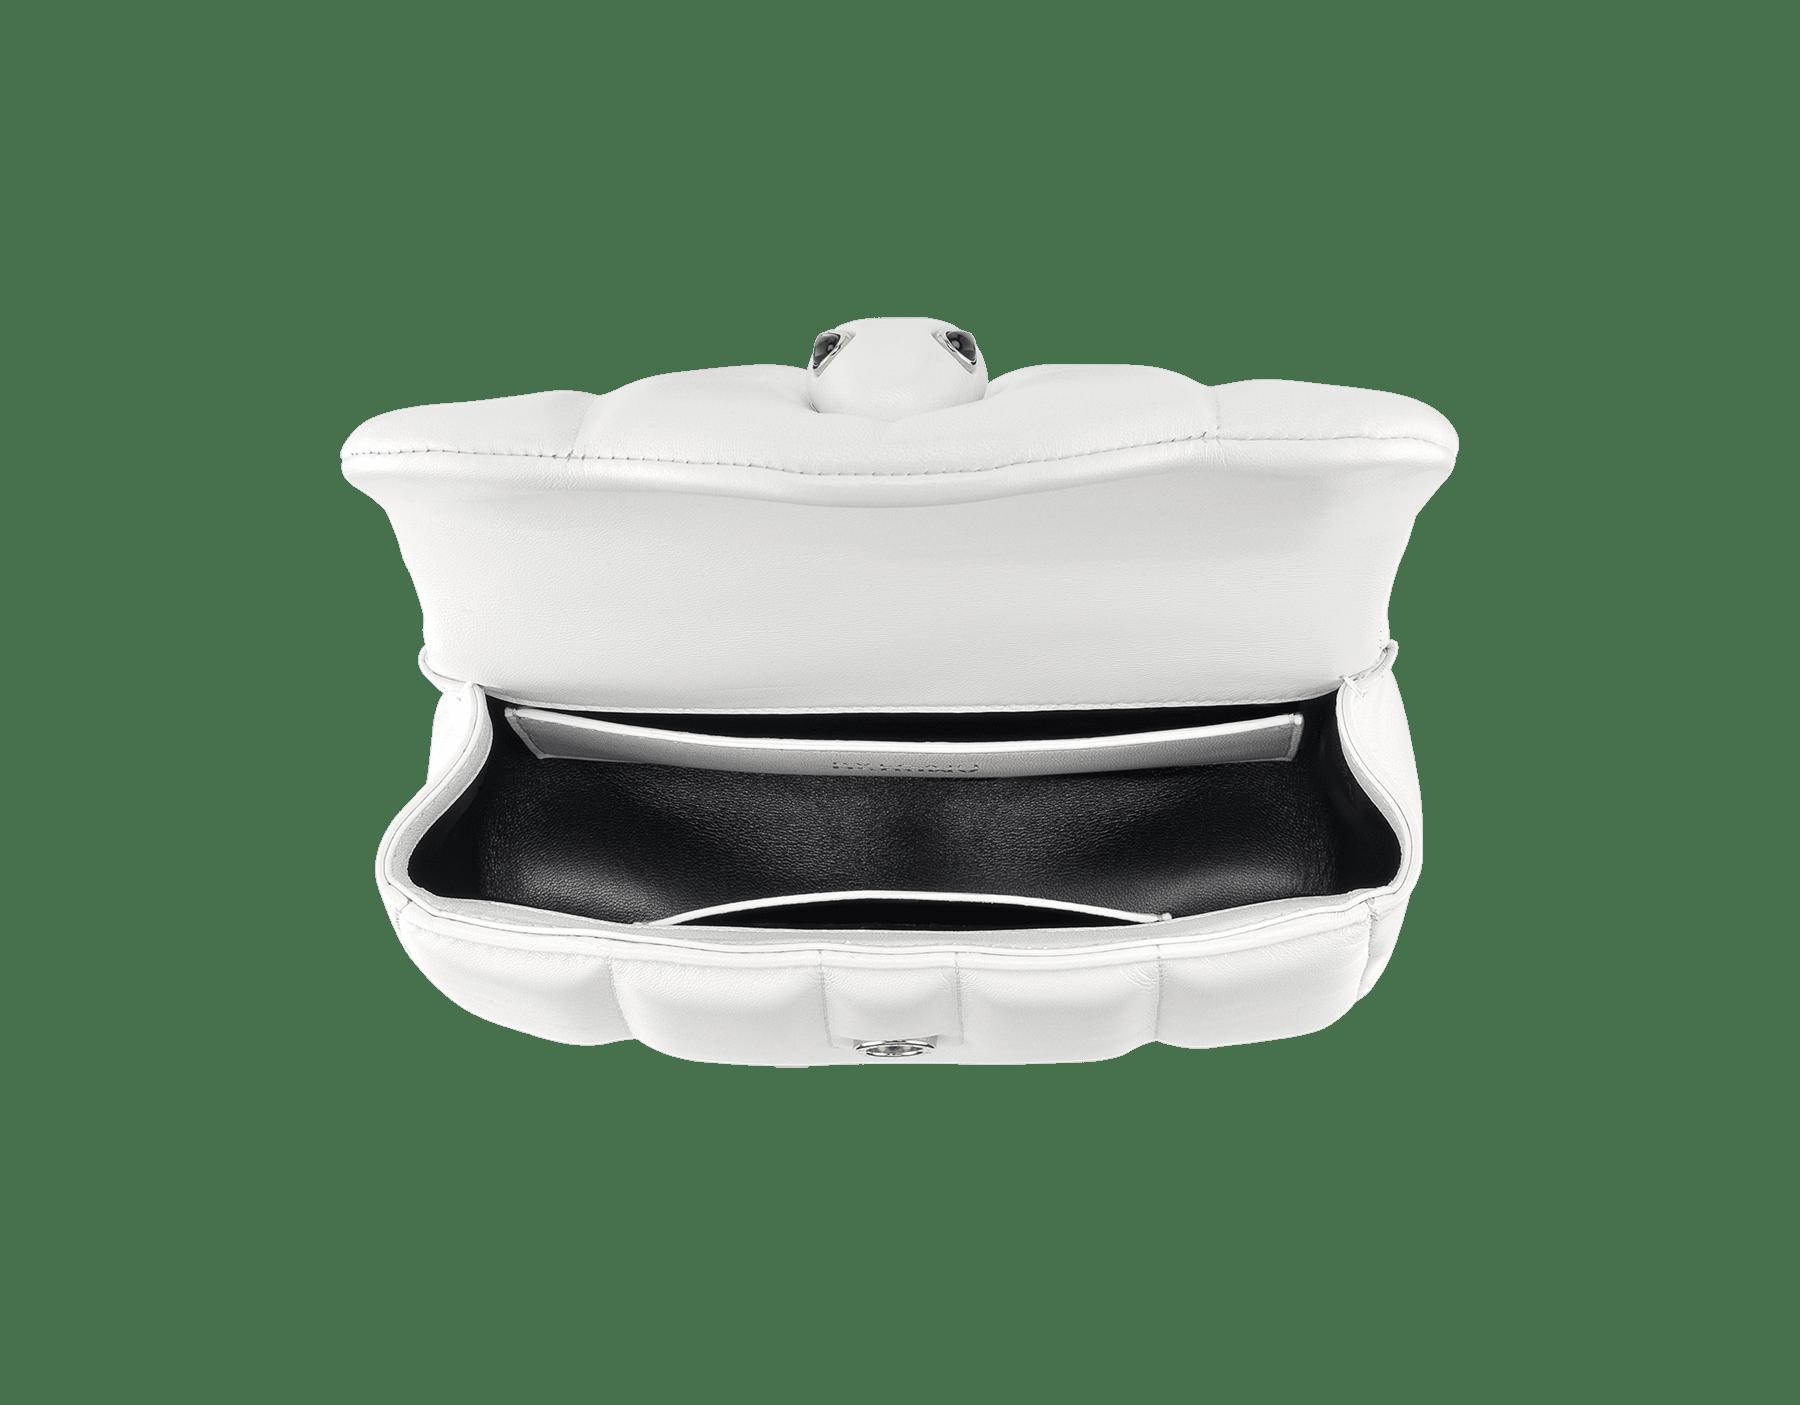 「AMBUSH x BVLGARI」ベルトバッグ。フラッシュダイヤモンドナッパレザー製。フラッシュダイヤモンドナッパレザーをまとったパラジウムプレートブラス製の新しいセルペンティ ヘッドクロージャー。ブラックオニキスの魅惑的な目で仕上げています。日本限定リミテッドエディション 290443 image 4